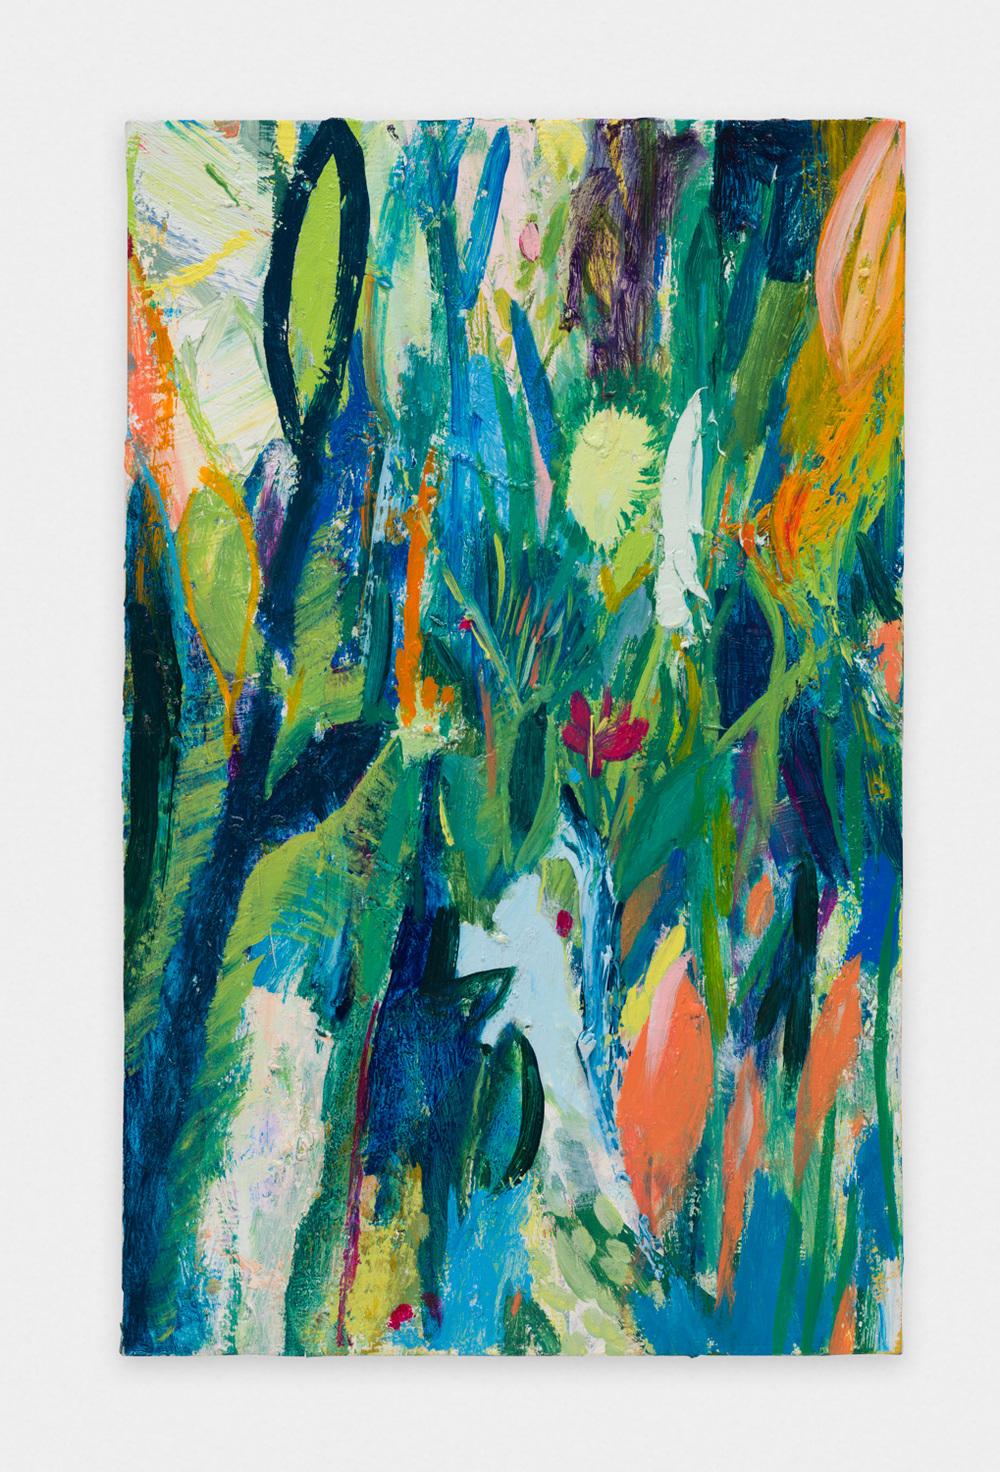 Miki Mochizuka PF&YL 2015-2016 Oil on canvas 20.87 x 13.11 in (53.01h x 33.3w cm) MikiM010